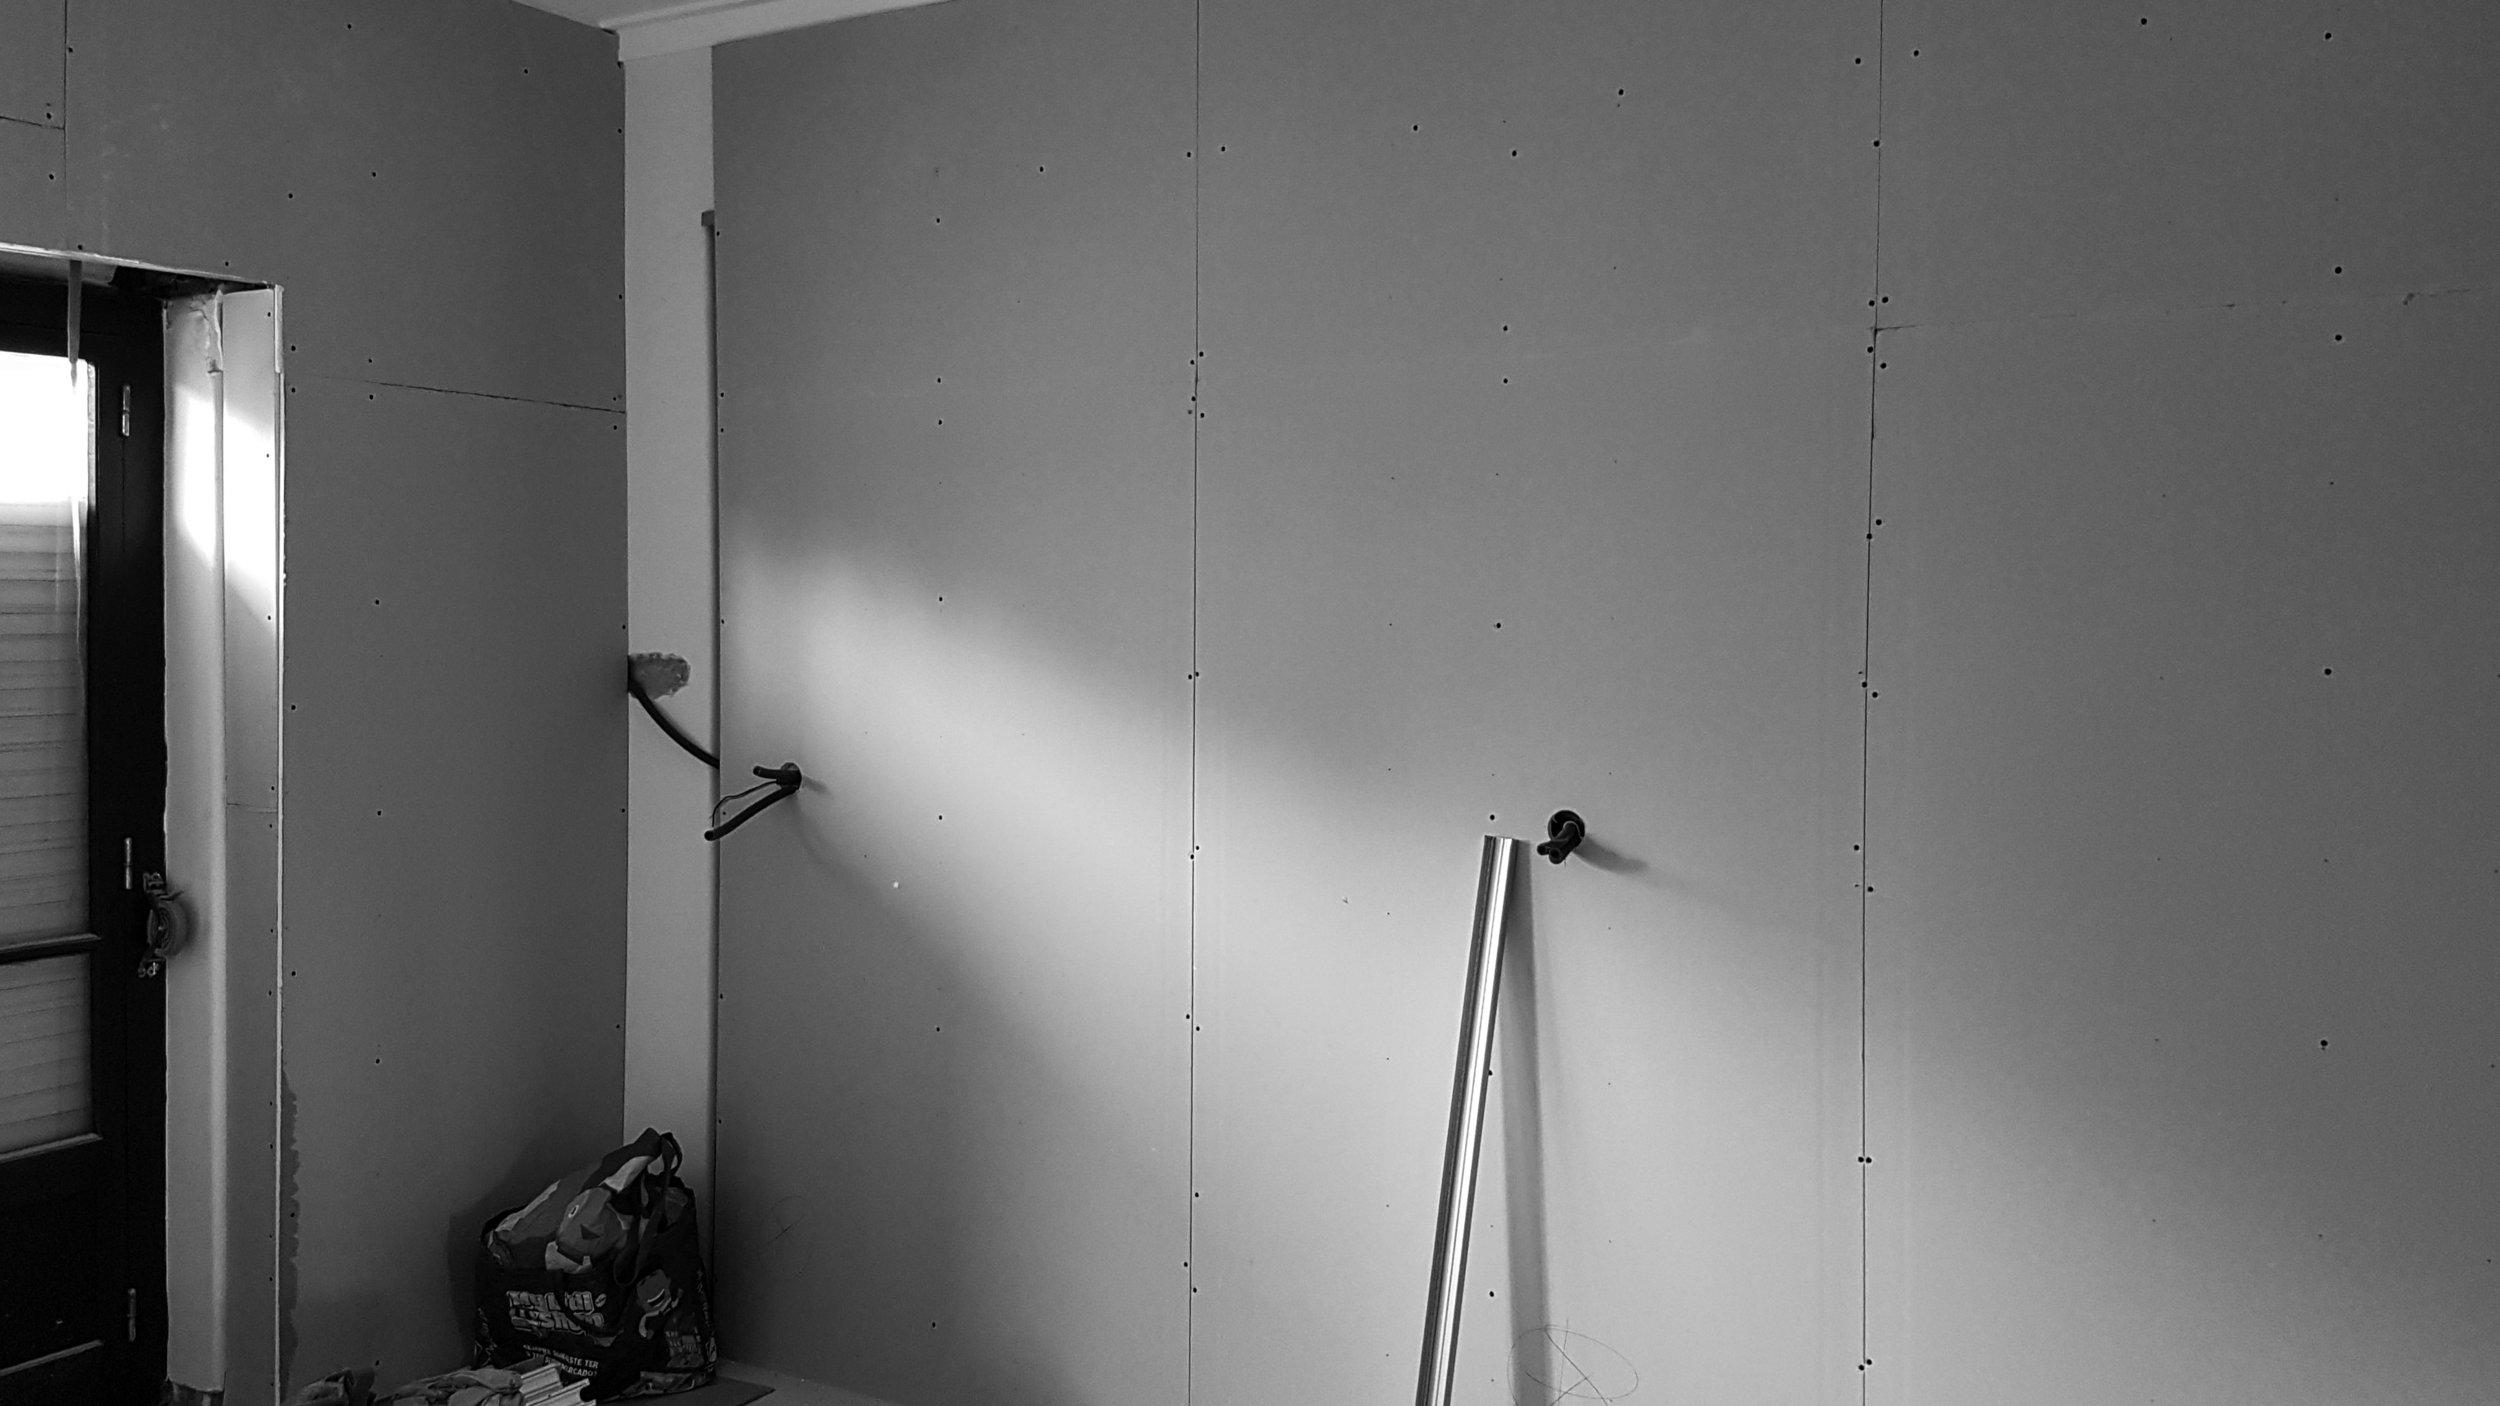 Apartamento Alcântara - Lisboa - EVA evolutionary architecture - EVA atelier - arquitectura - remodelação (14).jpg